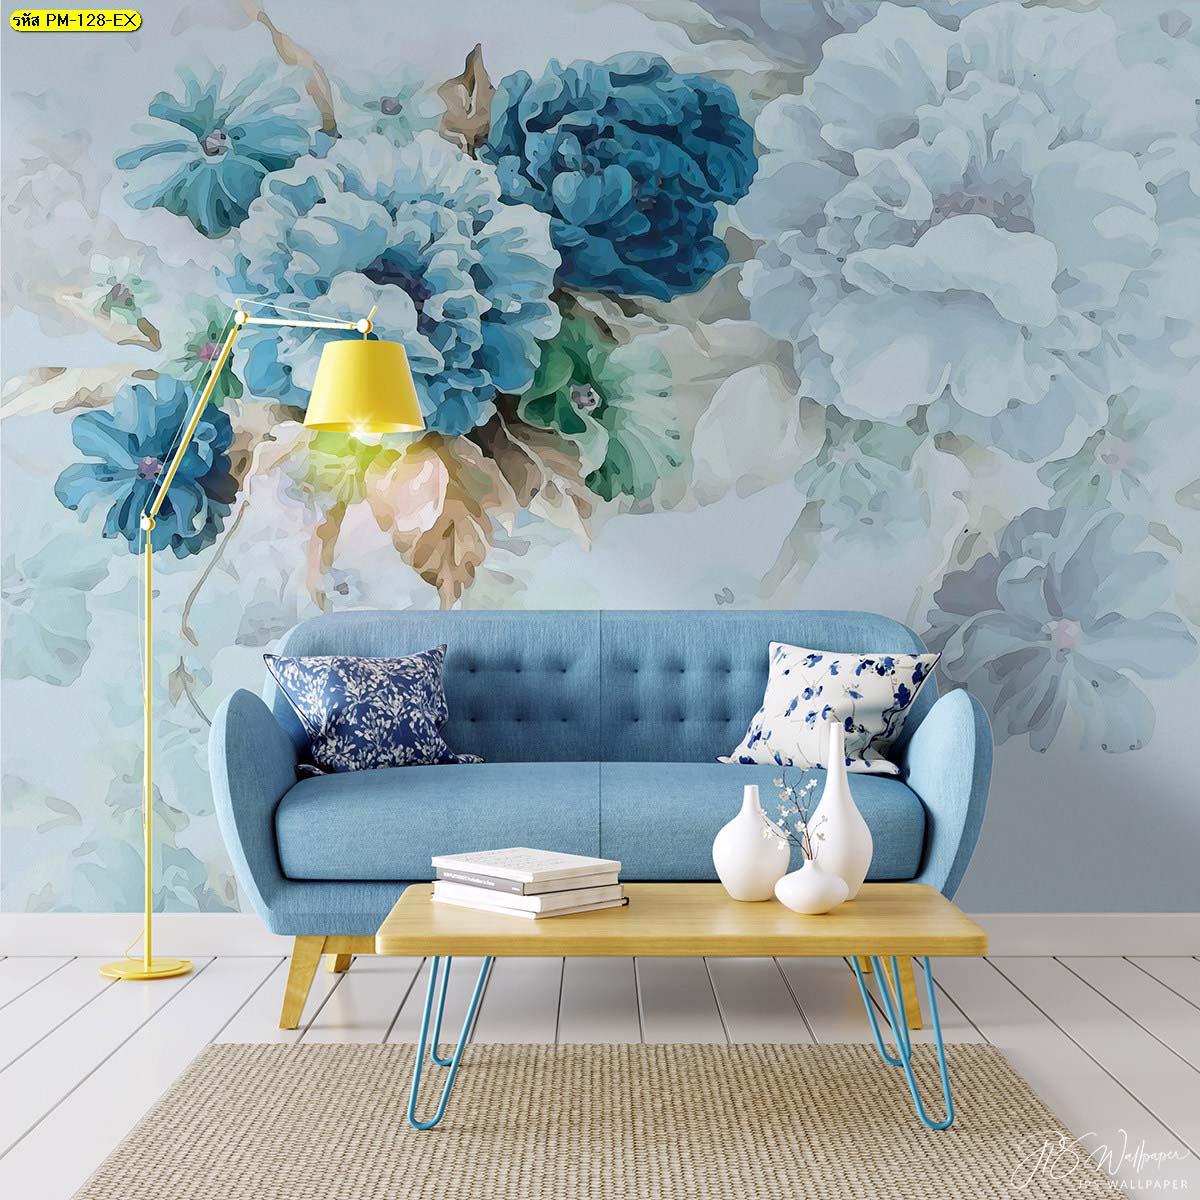 สงบ เย็นสบาย ในห้องนั่งเล่นโทนสีฟ้าจับคู่กับเฟอร์นิเจอร์สีเหลืองน่ารักๆ